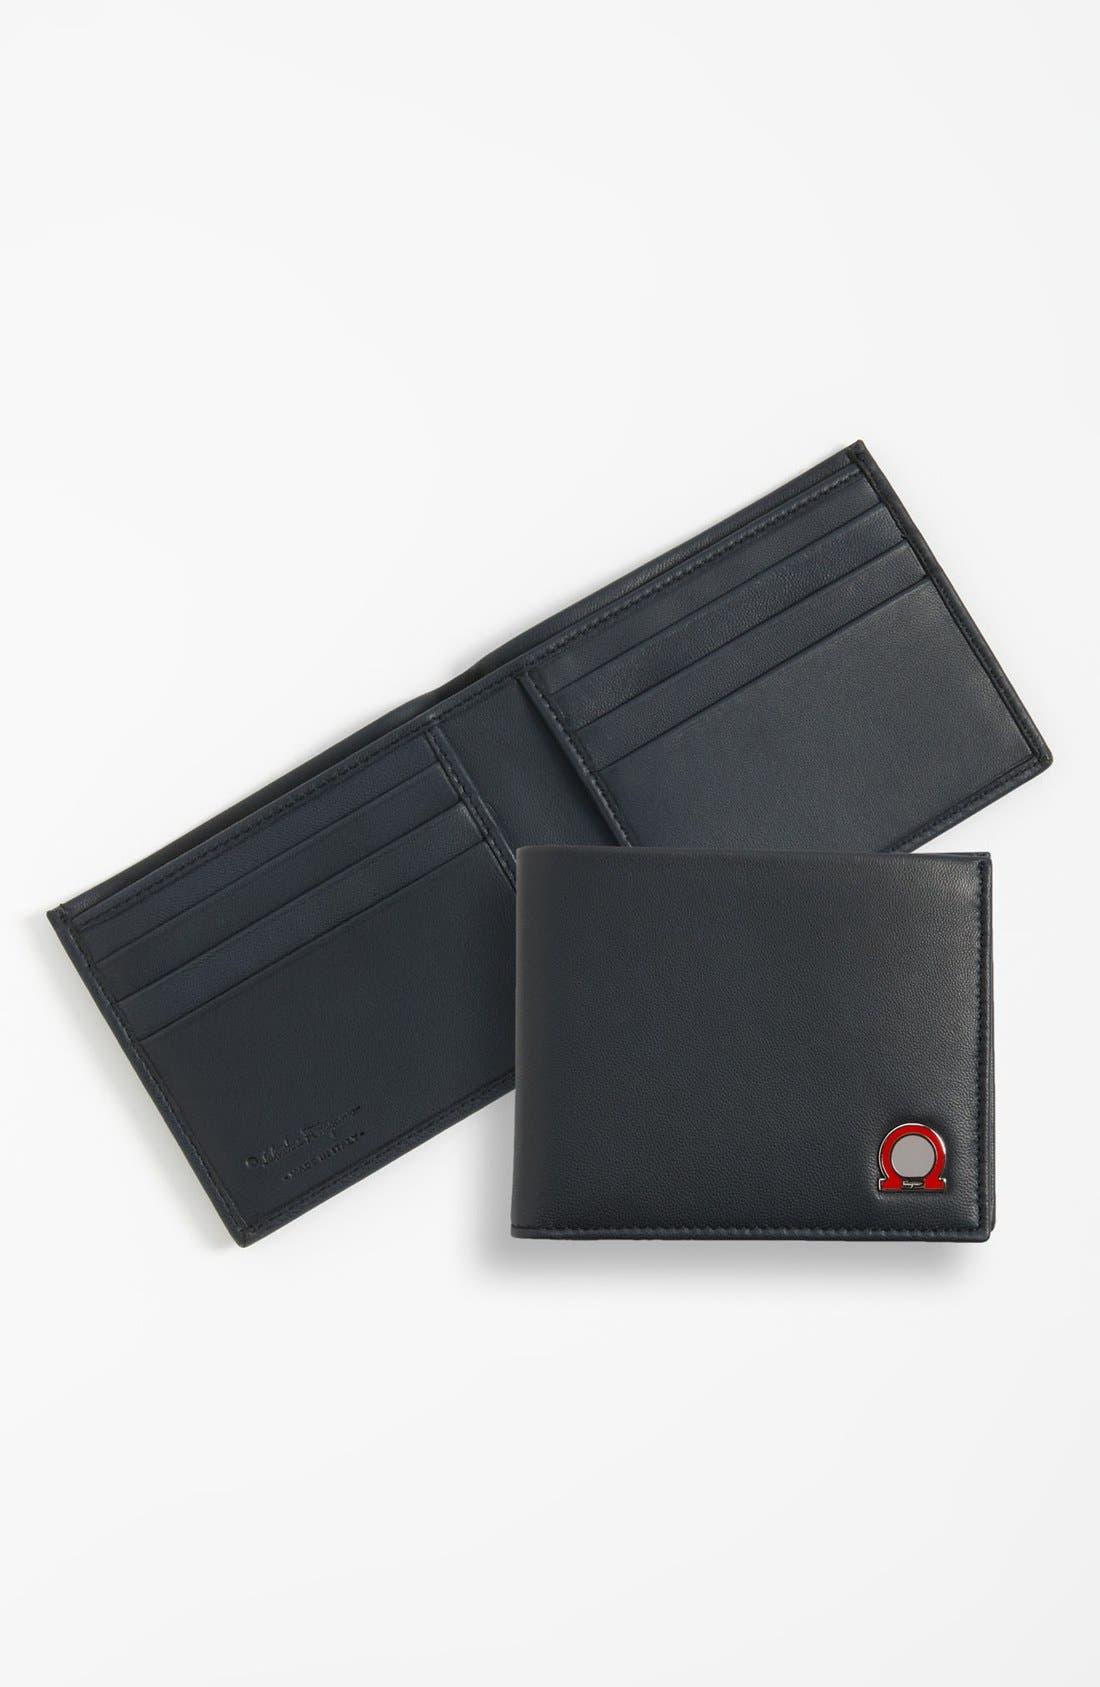 Main Image - Salvatore Ferragamo 'American - Tribute' Wallet